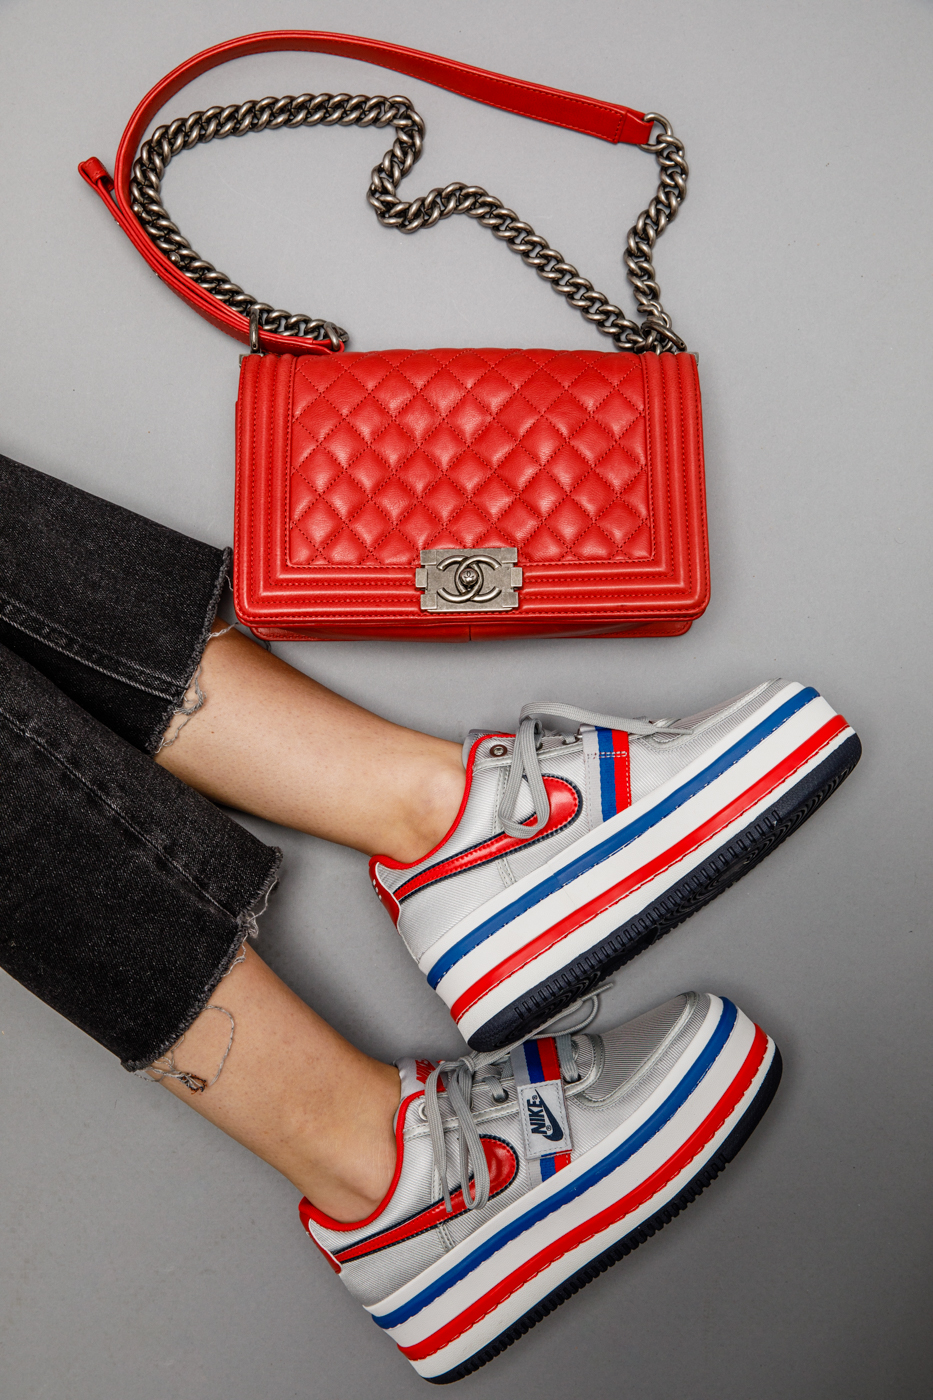 c3b442f32c9dcb The Ultimate Sneaker & Handbag Matchups of the Season - StockX News